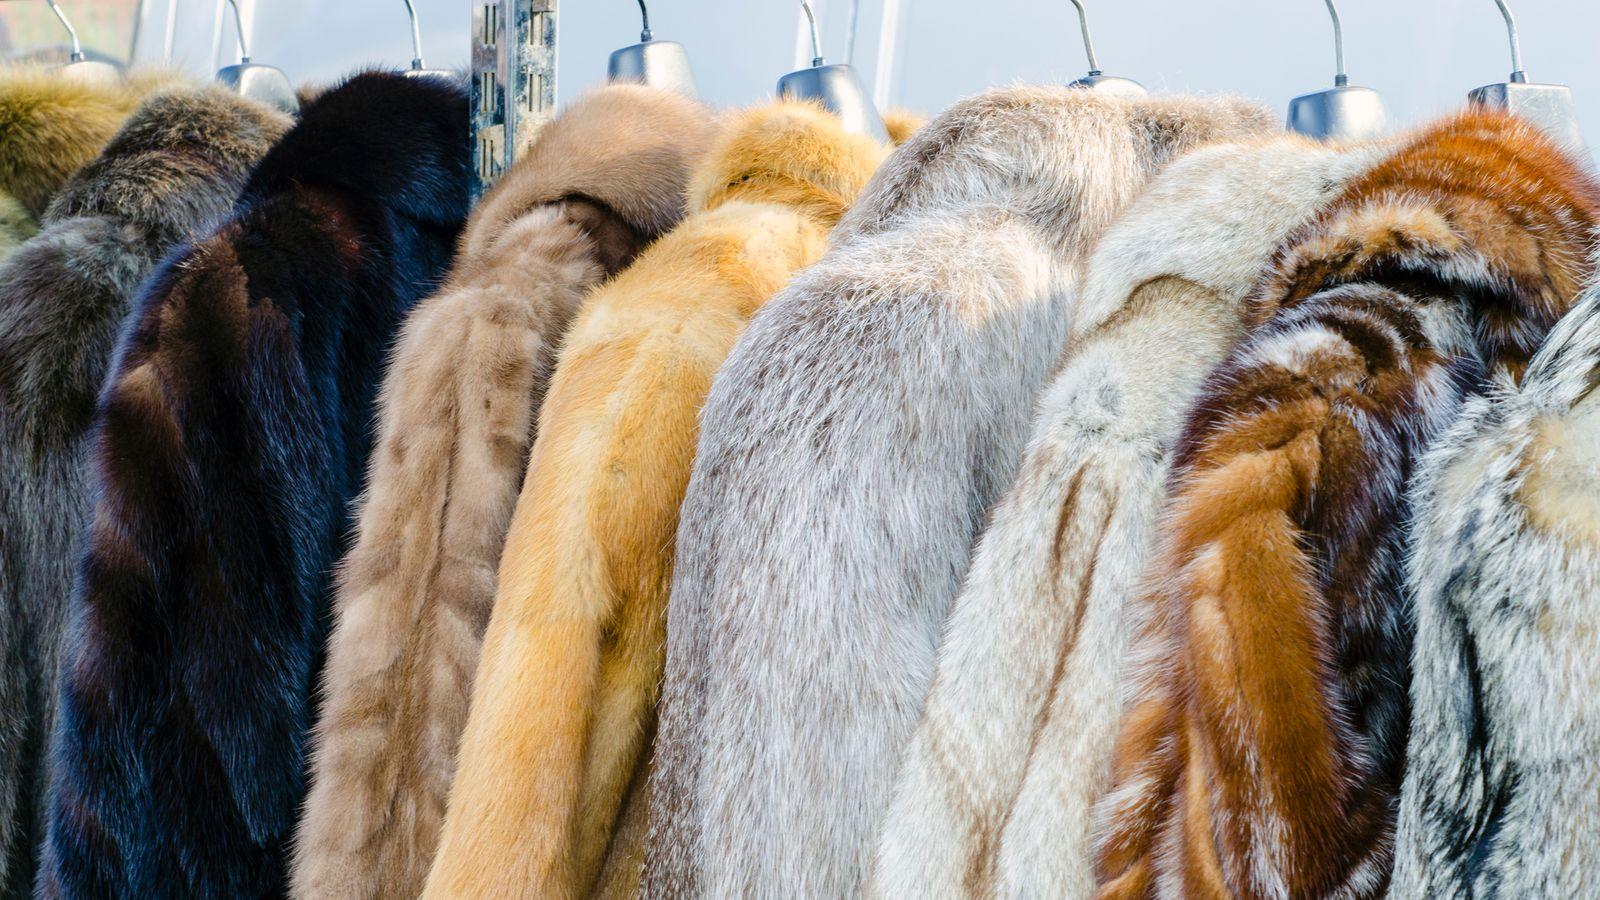 Fur coats arranged on hangers